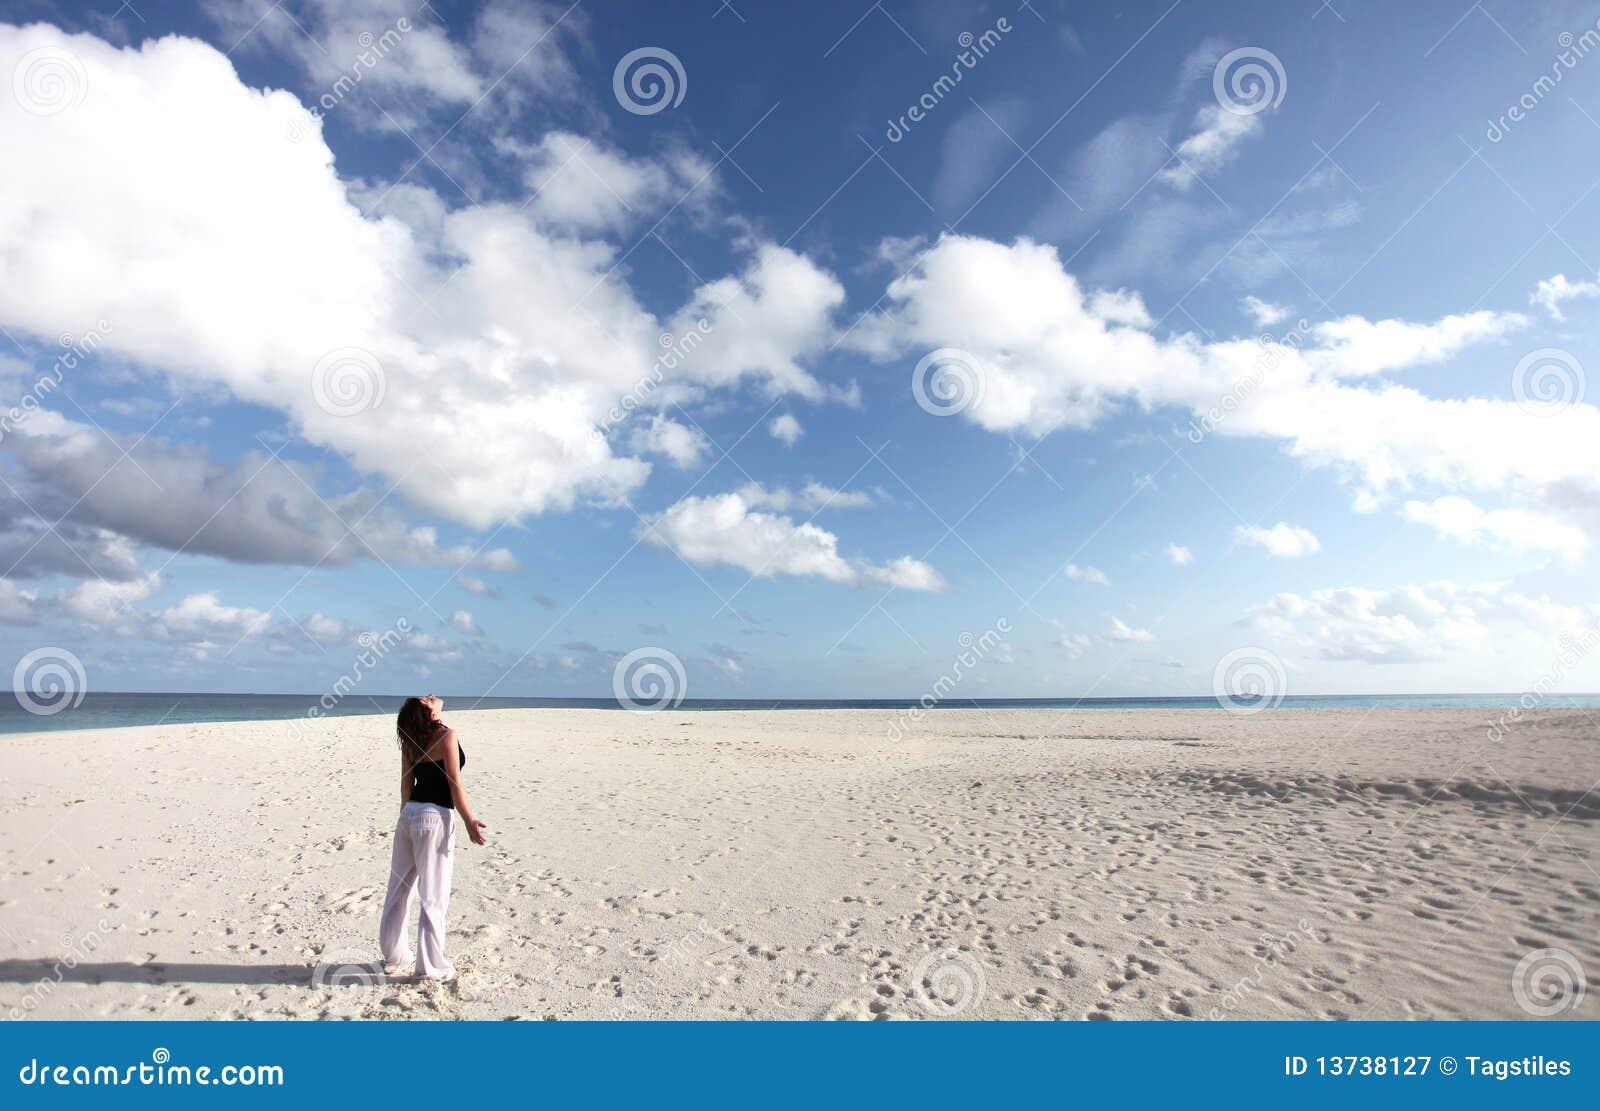 Download Freiheit schließlich stockbild. Bild von schritte, relax - 13738127